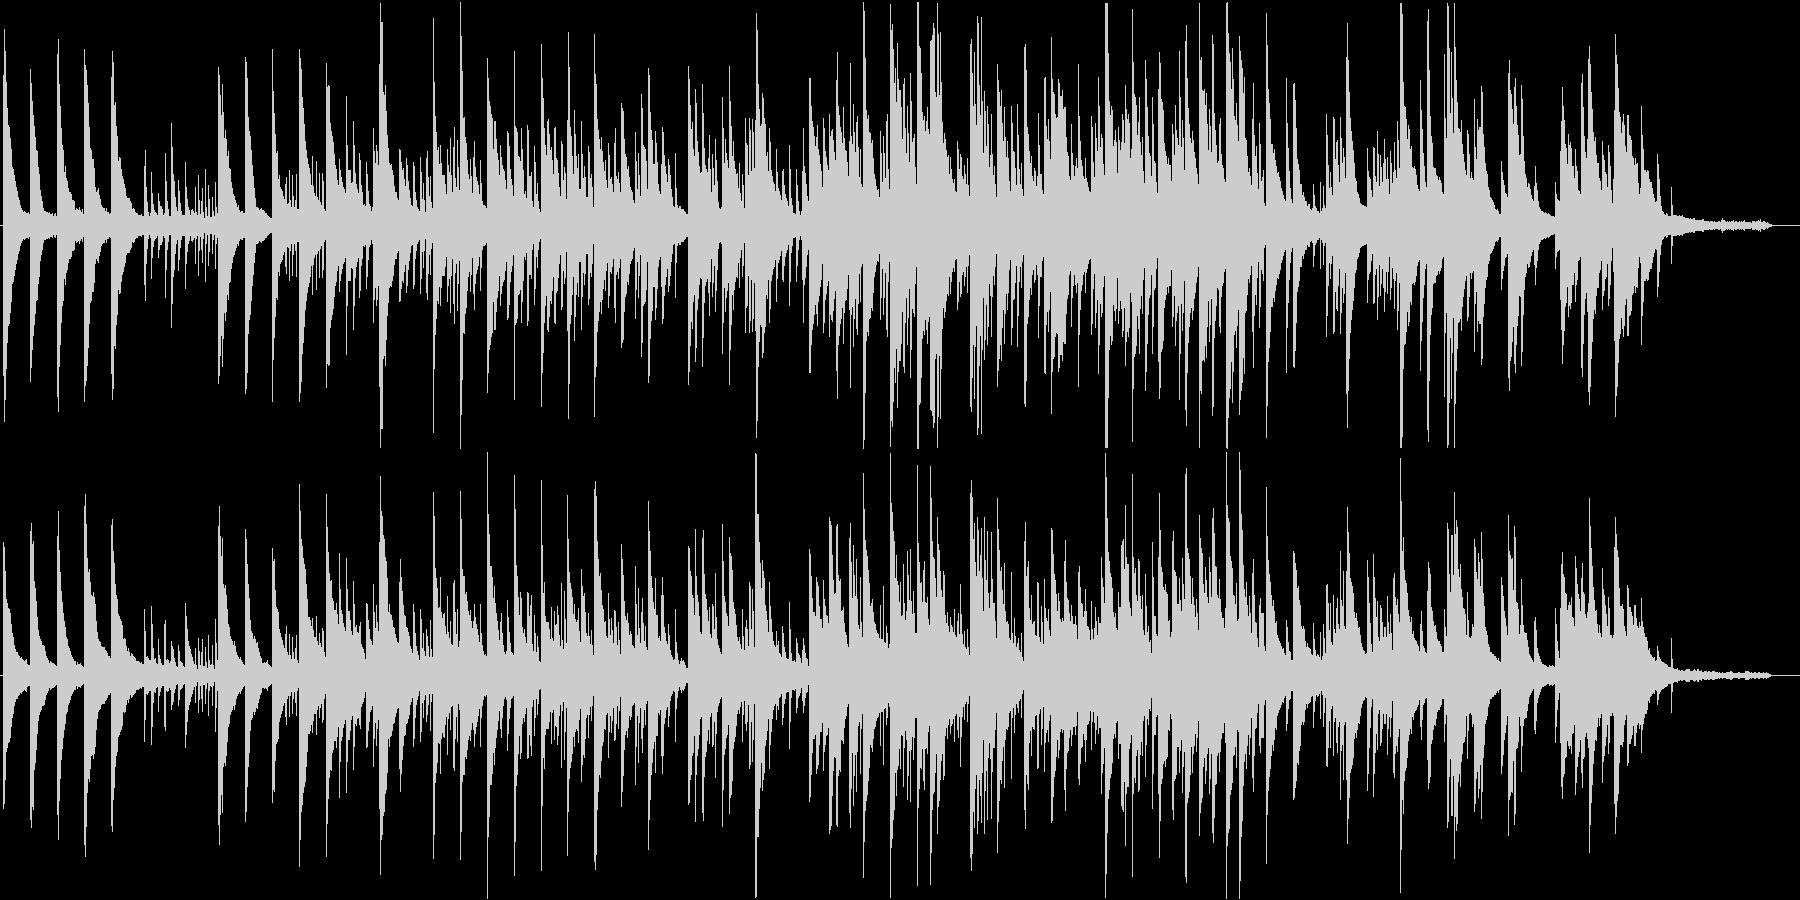 ピアノ音の旋律が重なるオルゴールの様な曲の未再生の波形